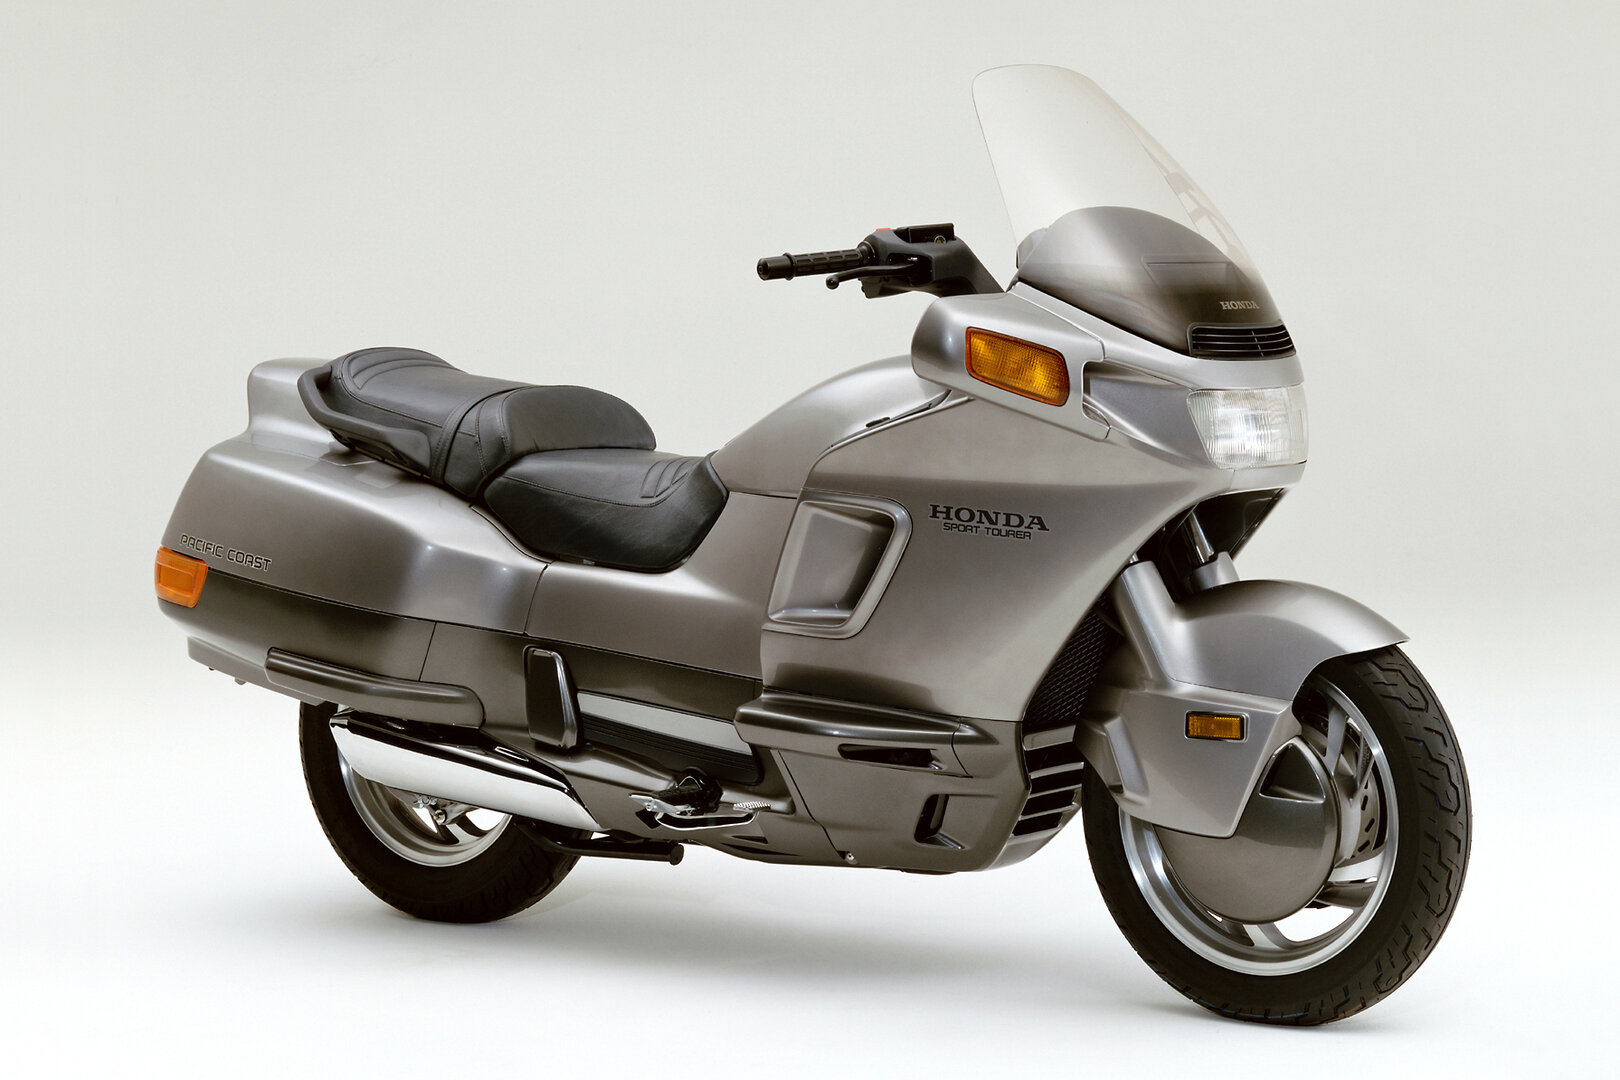 Moto del día: Honda Pacific Coast PC 800